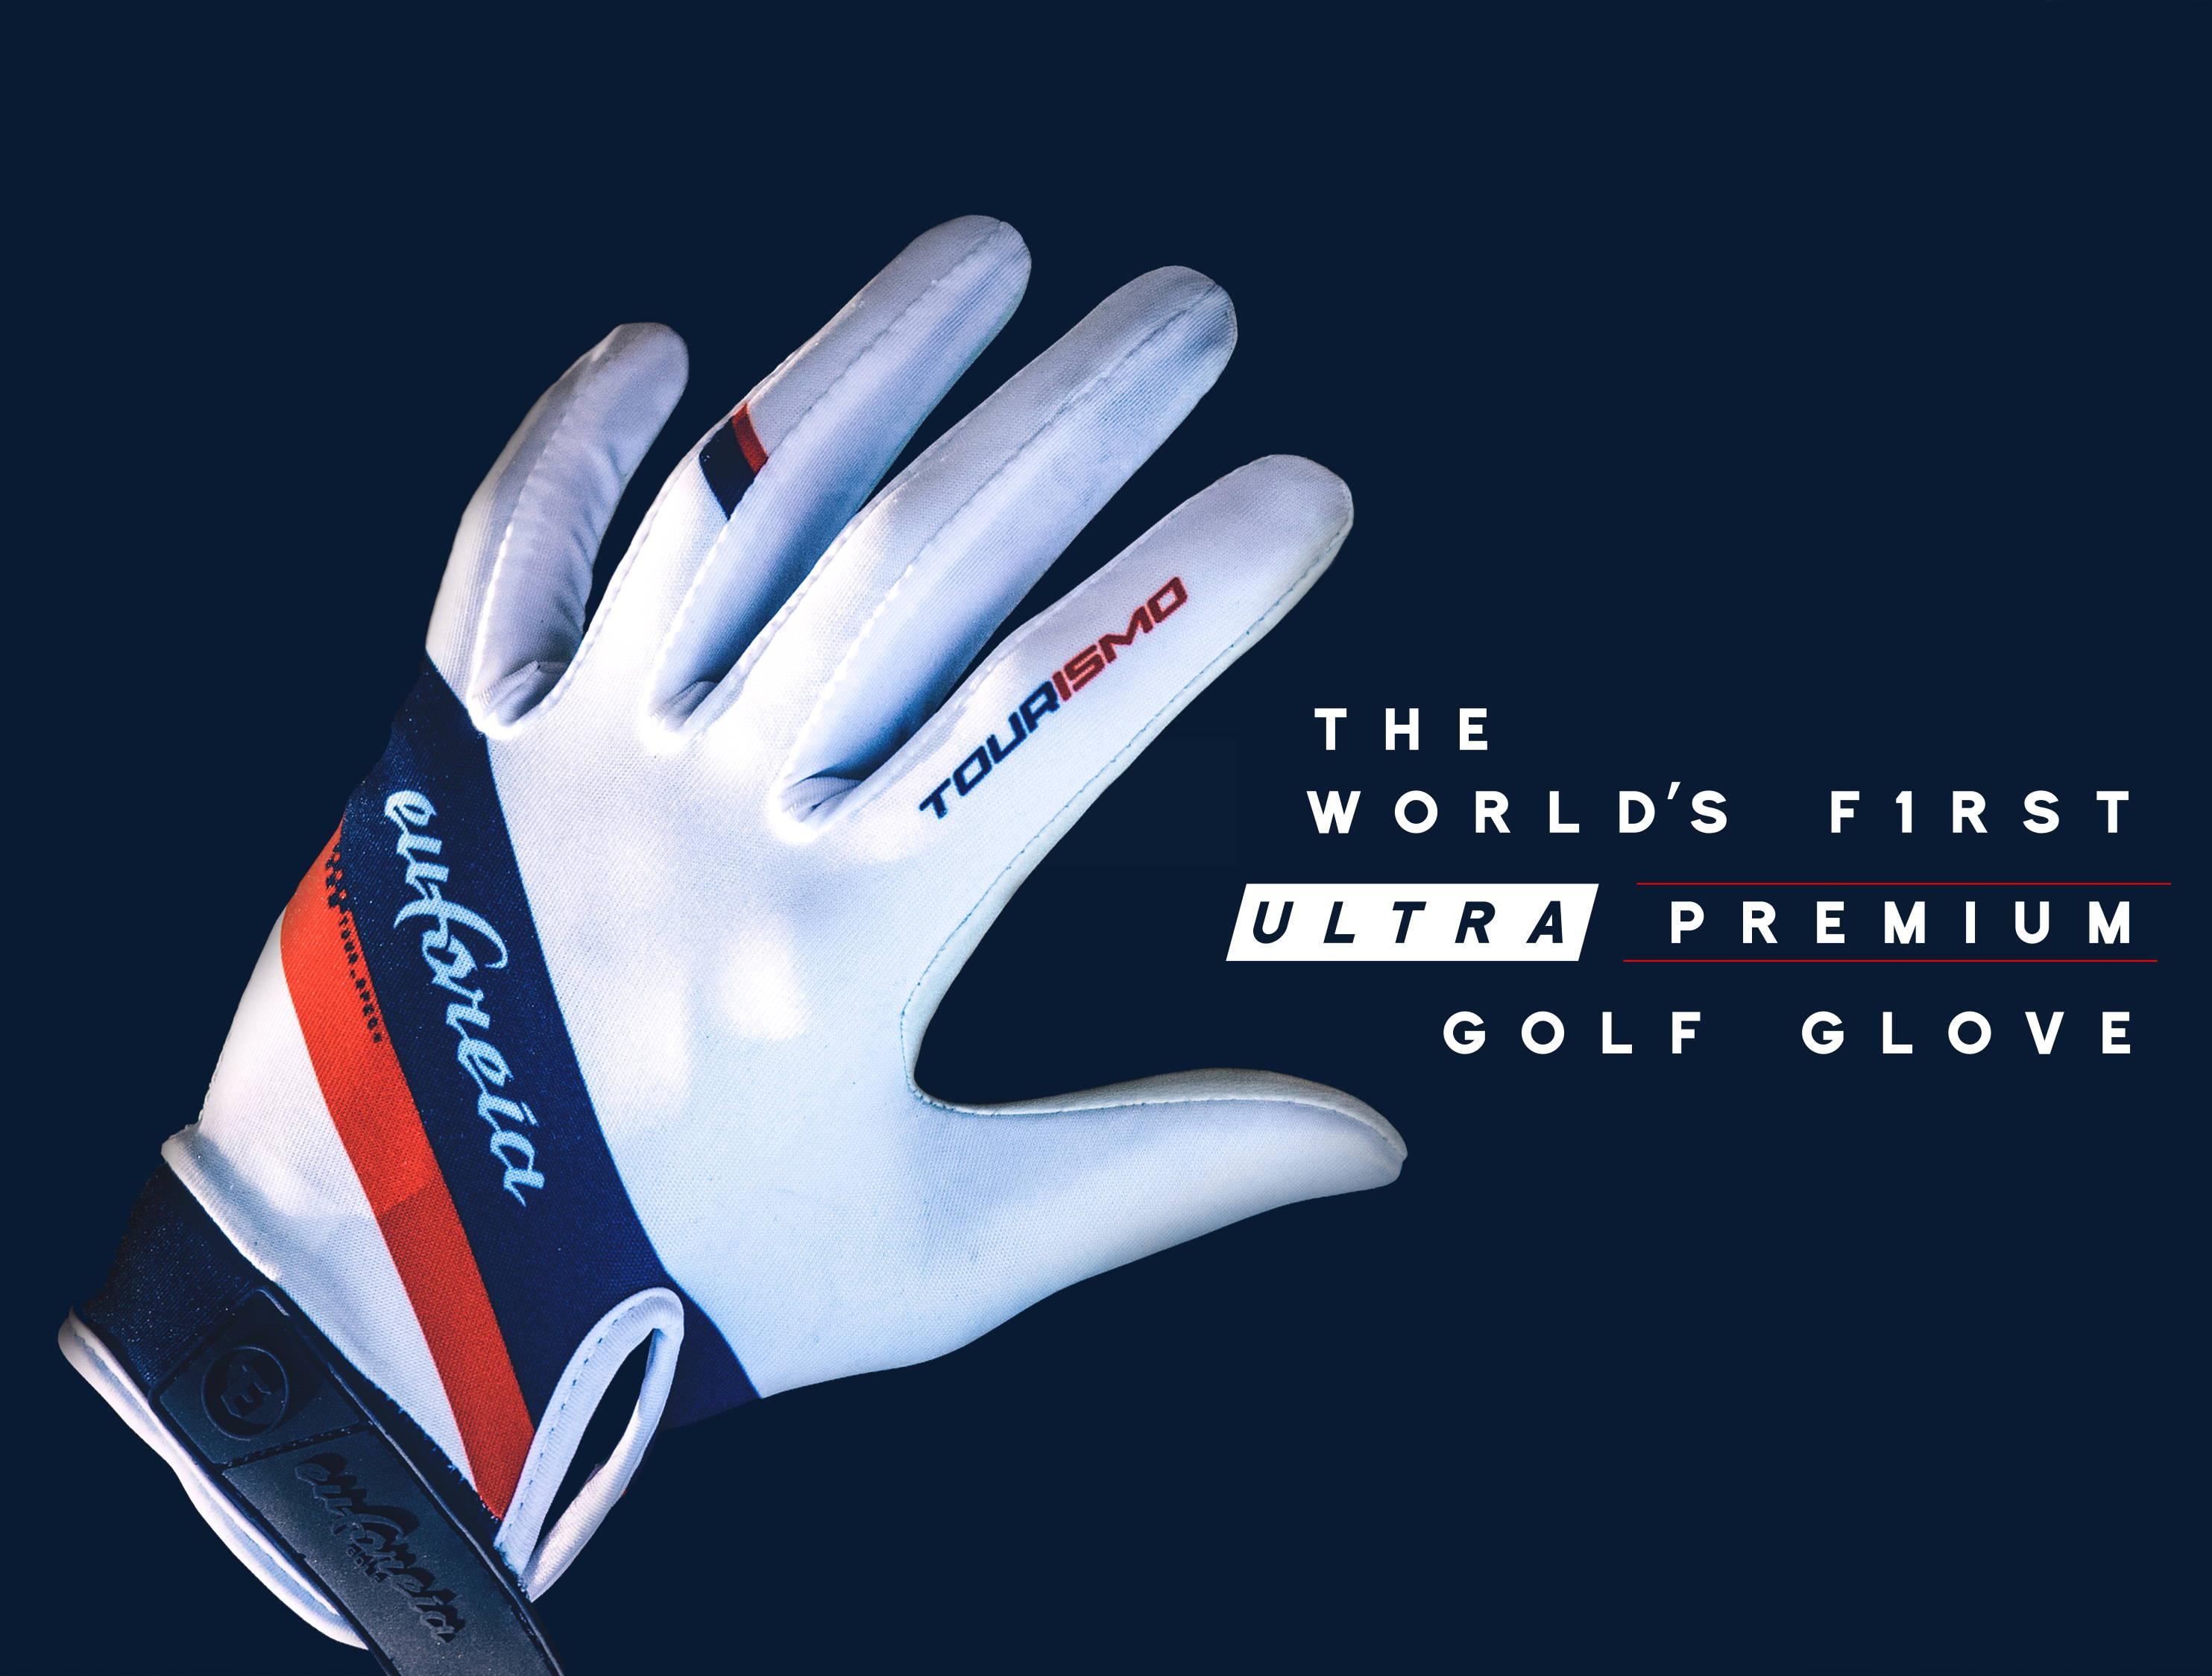 Ultra Premium Golf Glove